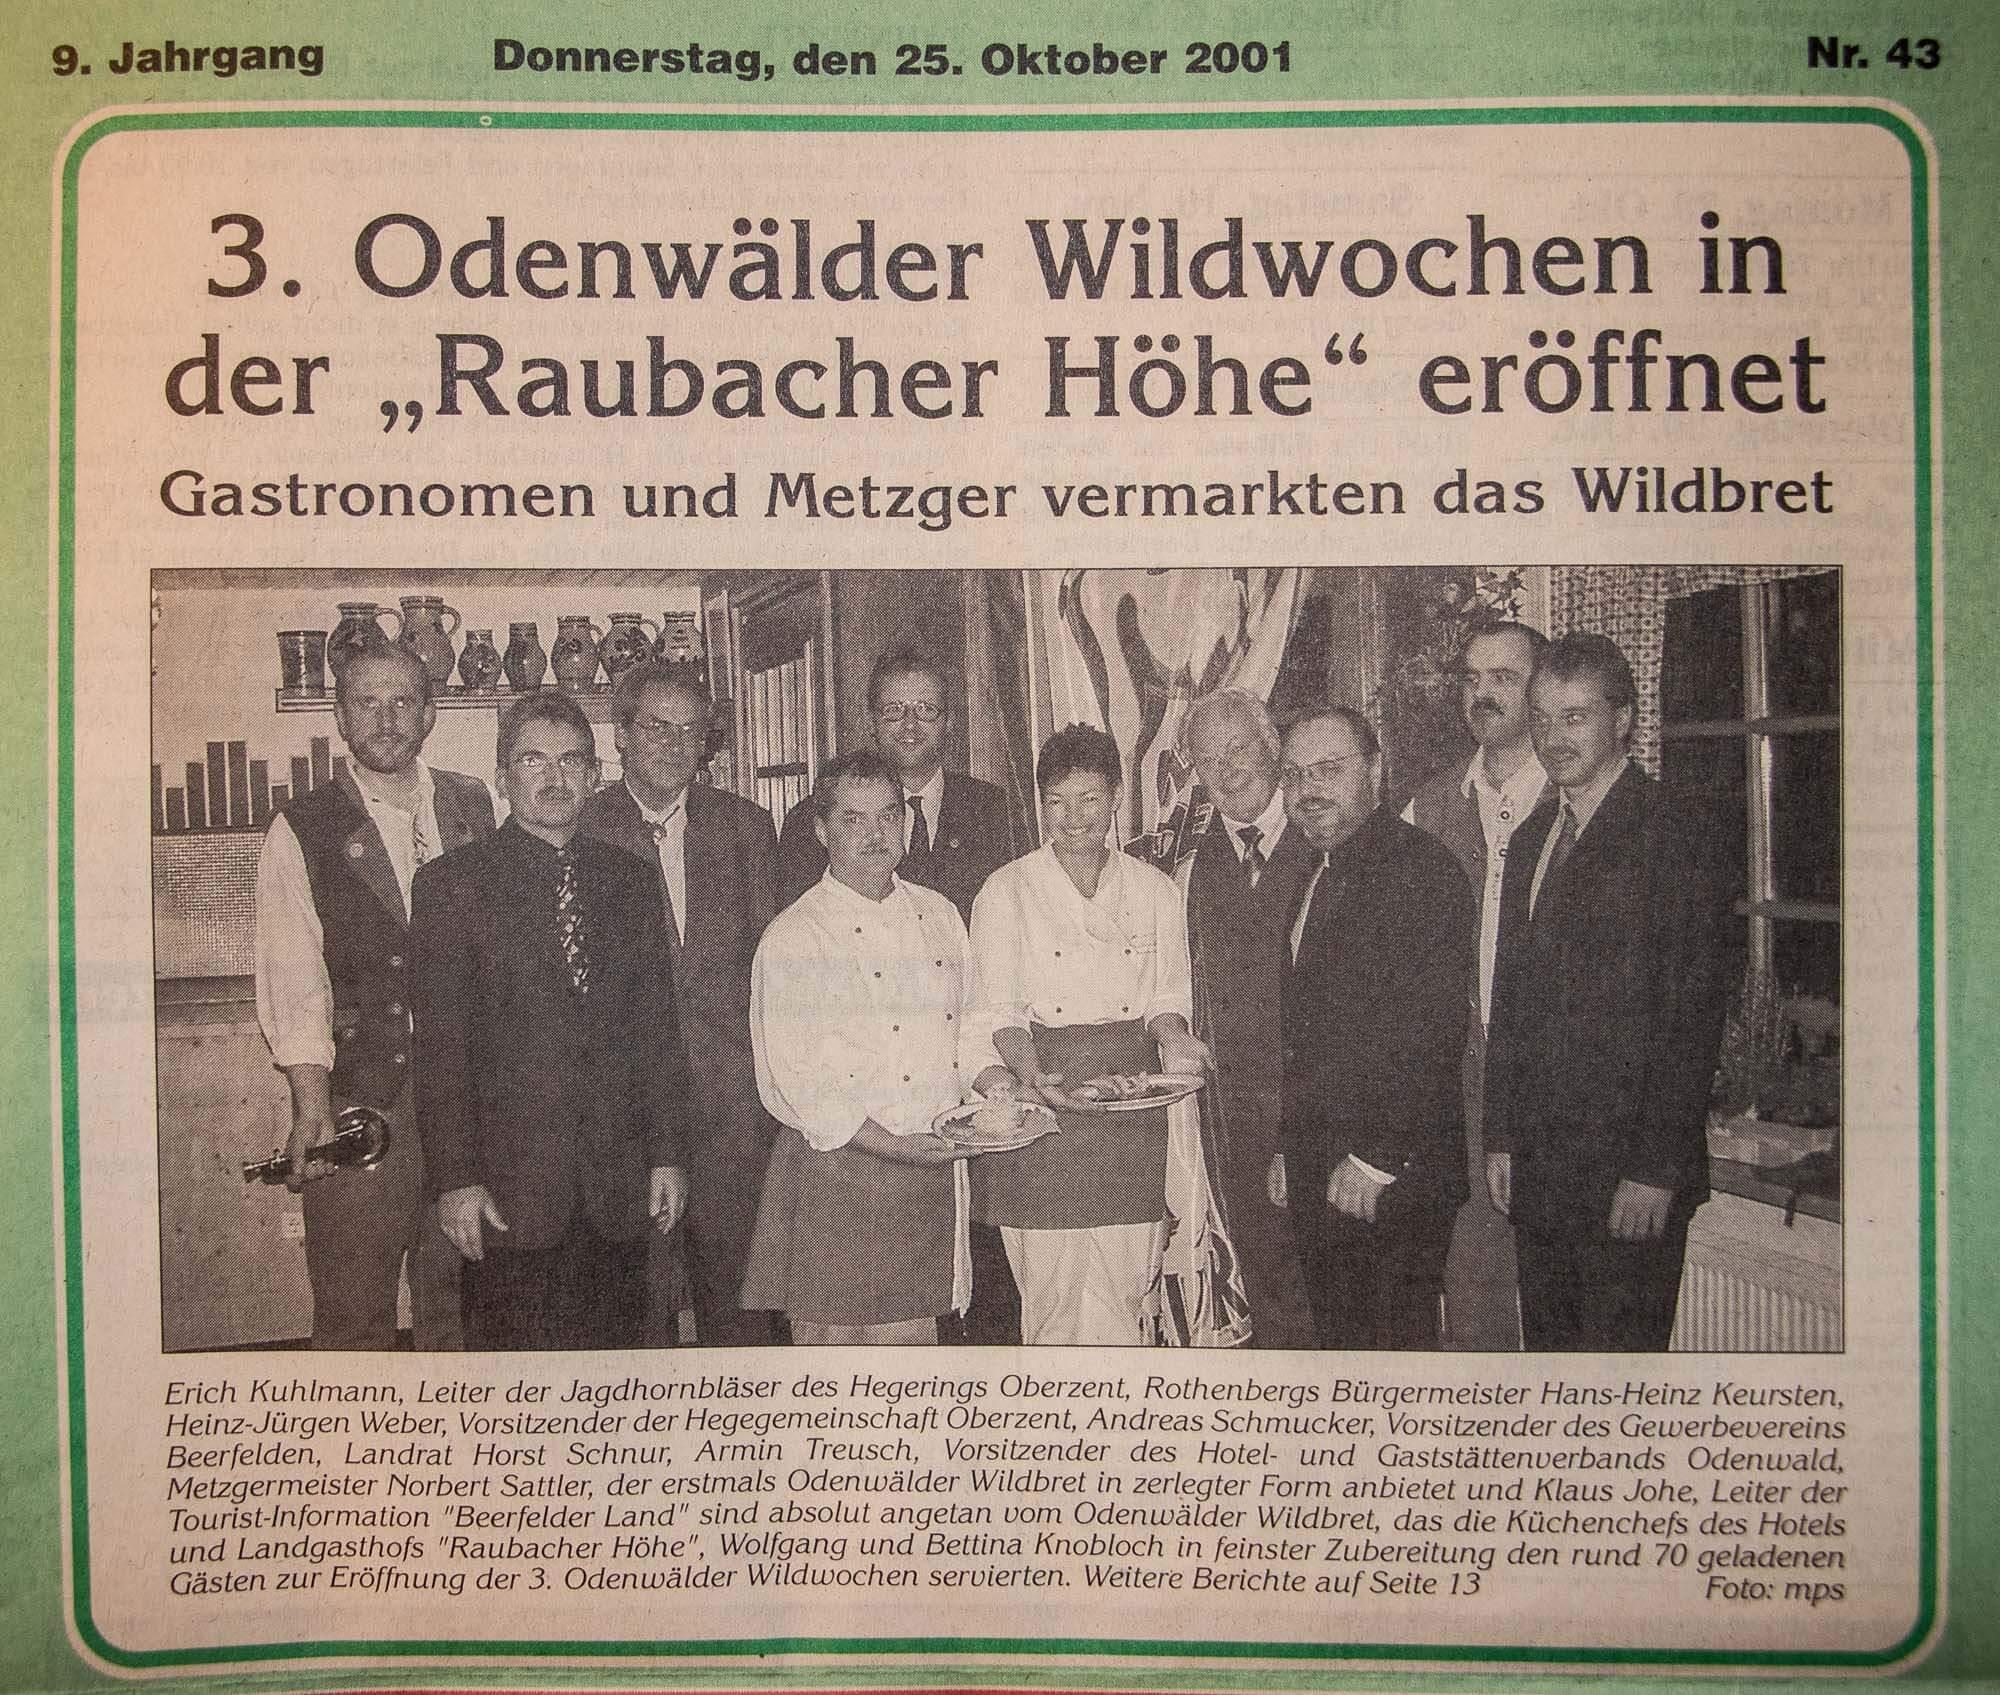 Erste Teilnahme an den Odenwälder Wildwochen